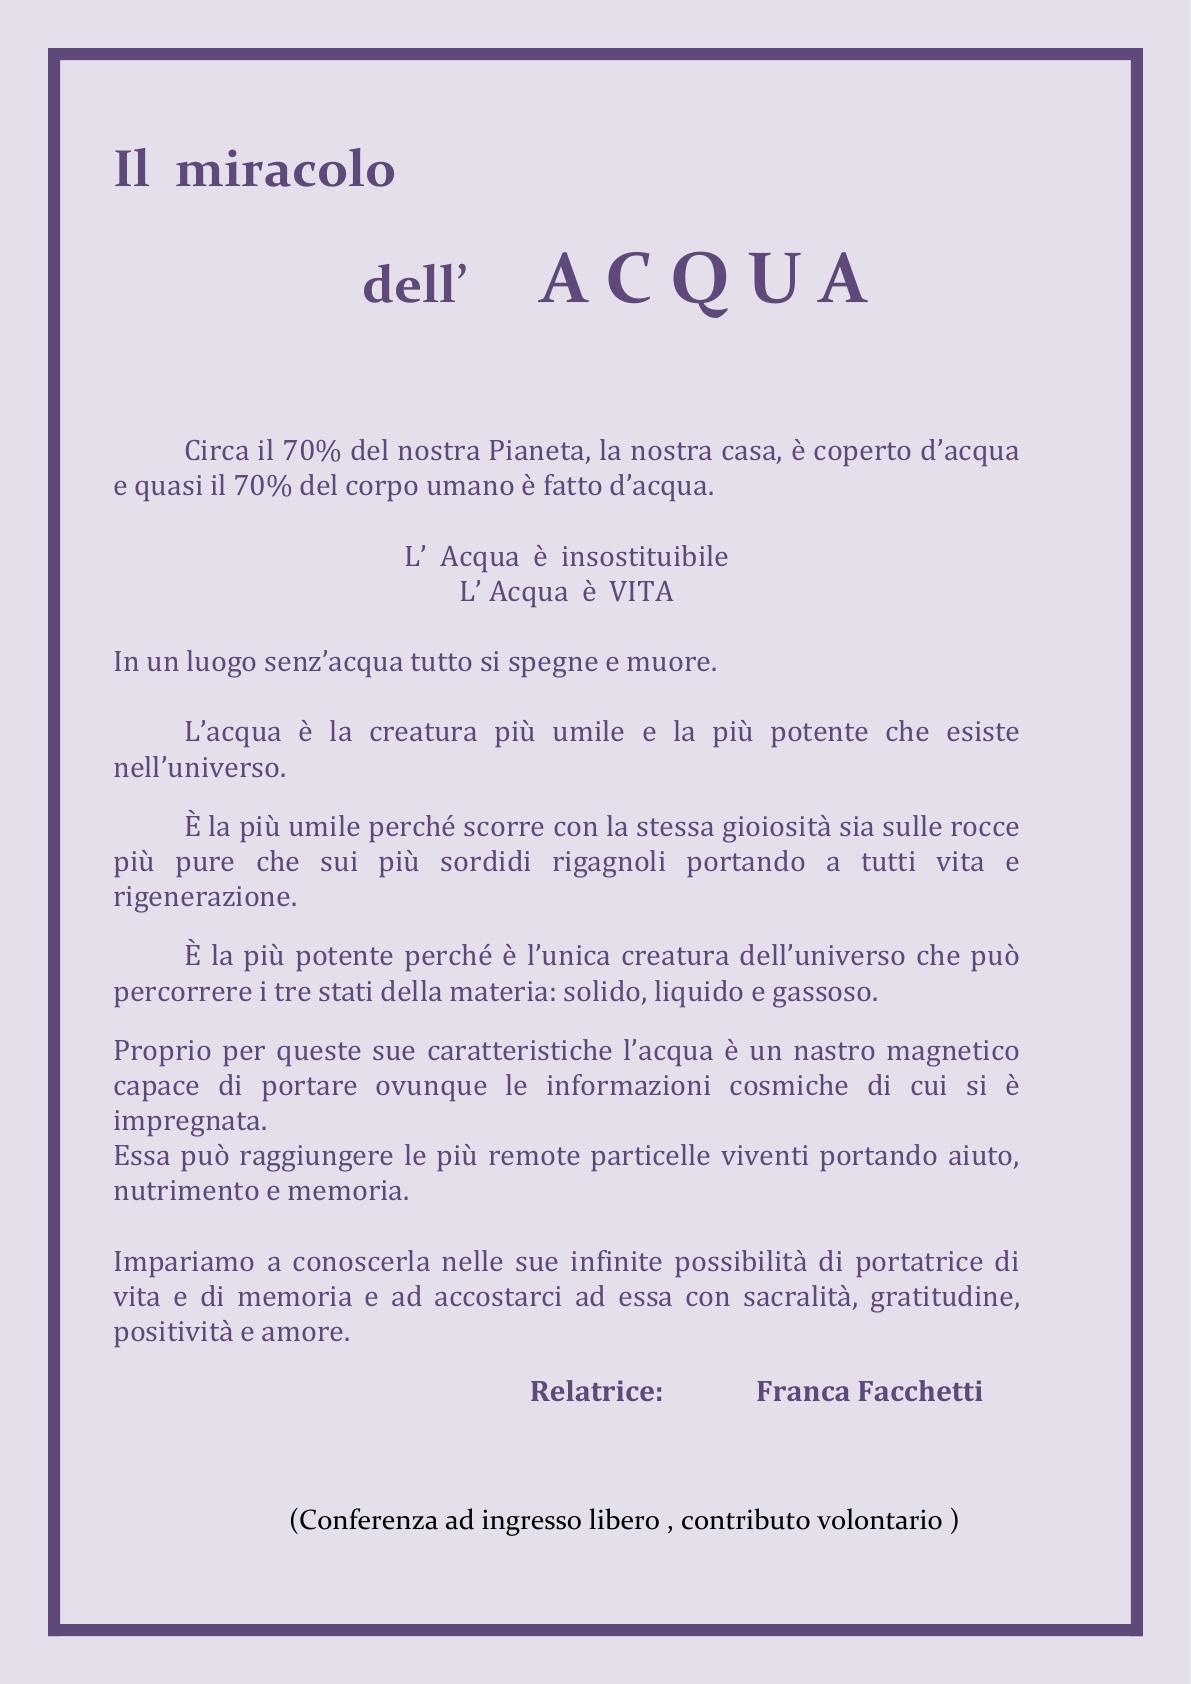 ALI  Confrenza    -  Il miracolo dell'Acqua Rev 28ago2015